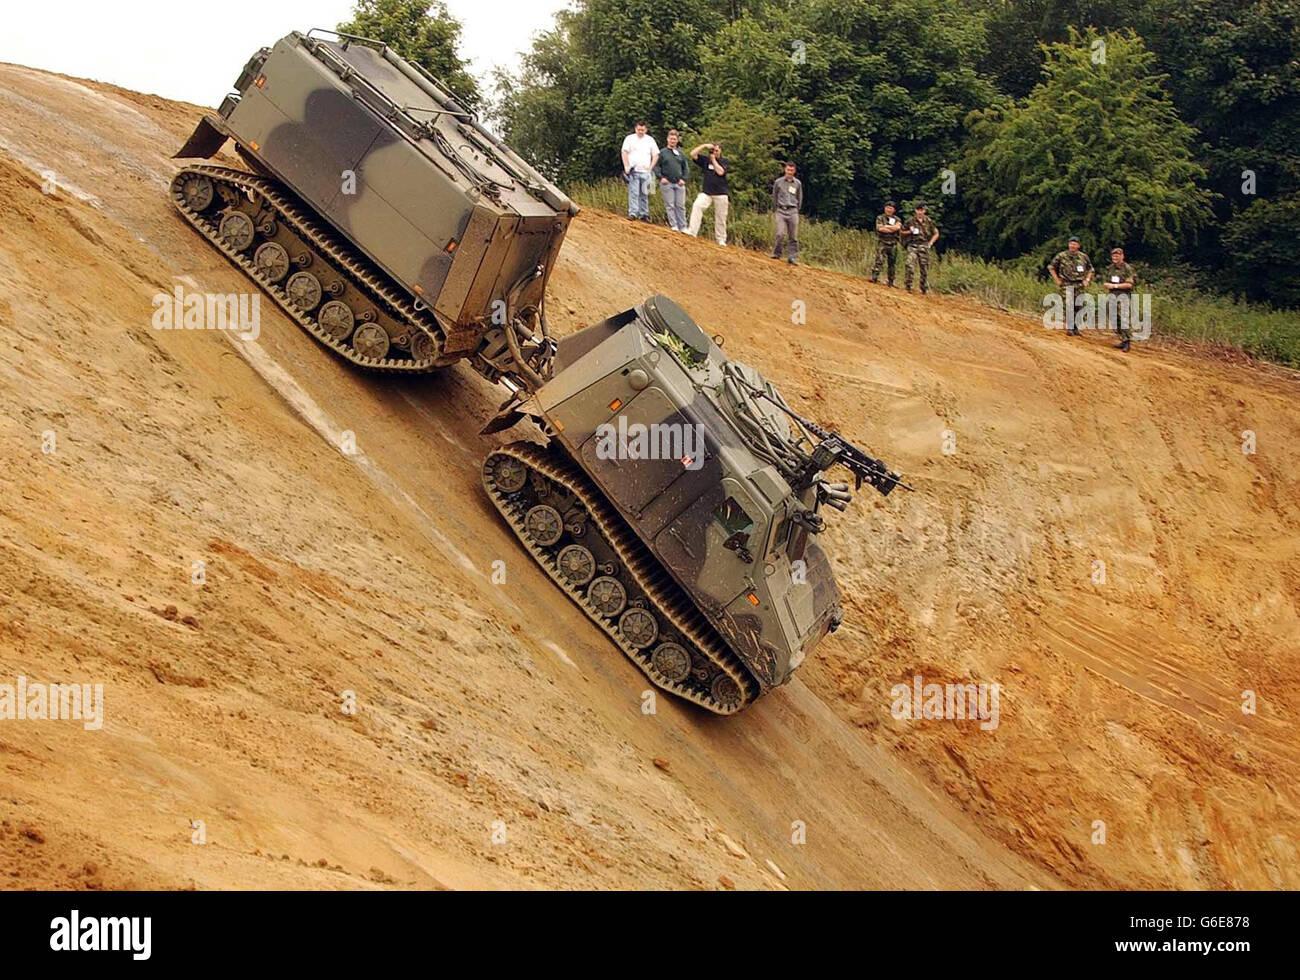 Le véhicule blindé tout terrain Viking descend une pente 1-en-1 à l'occasion du Defense Vehicle Dynamics 2003, l'un Banque D'Images